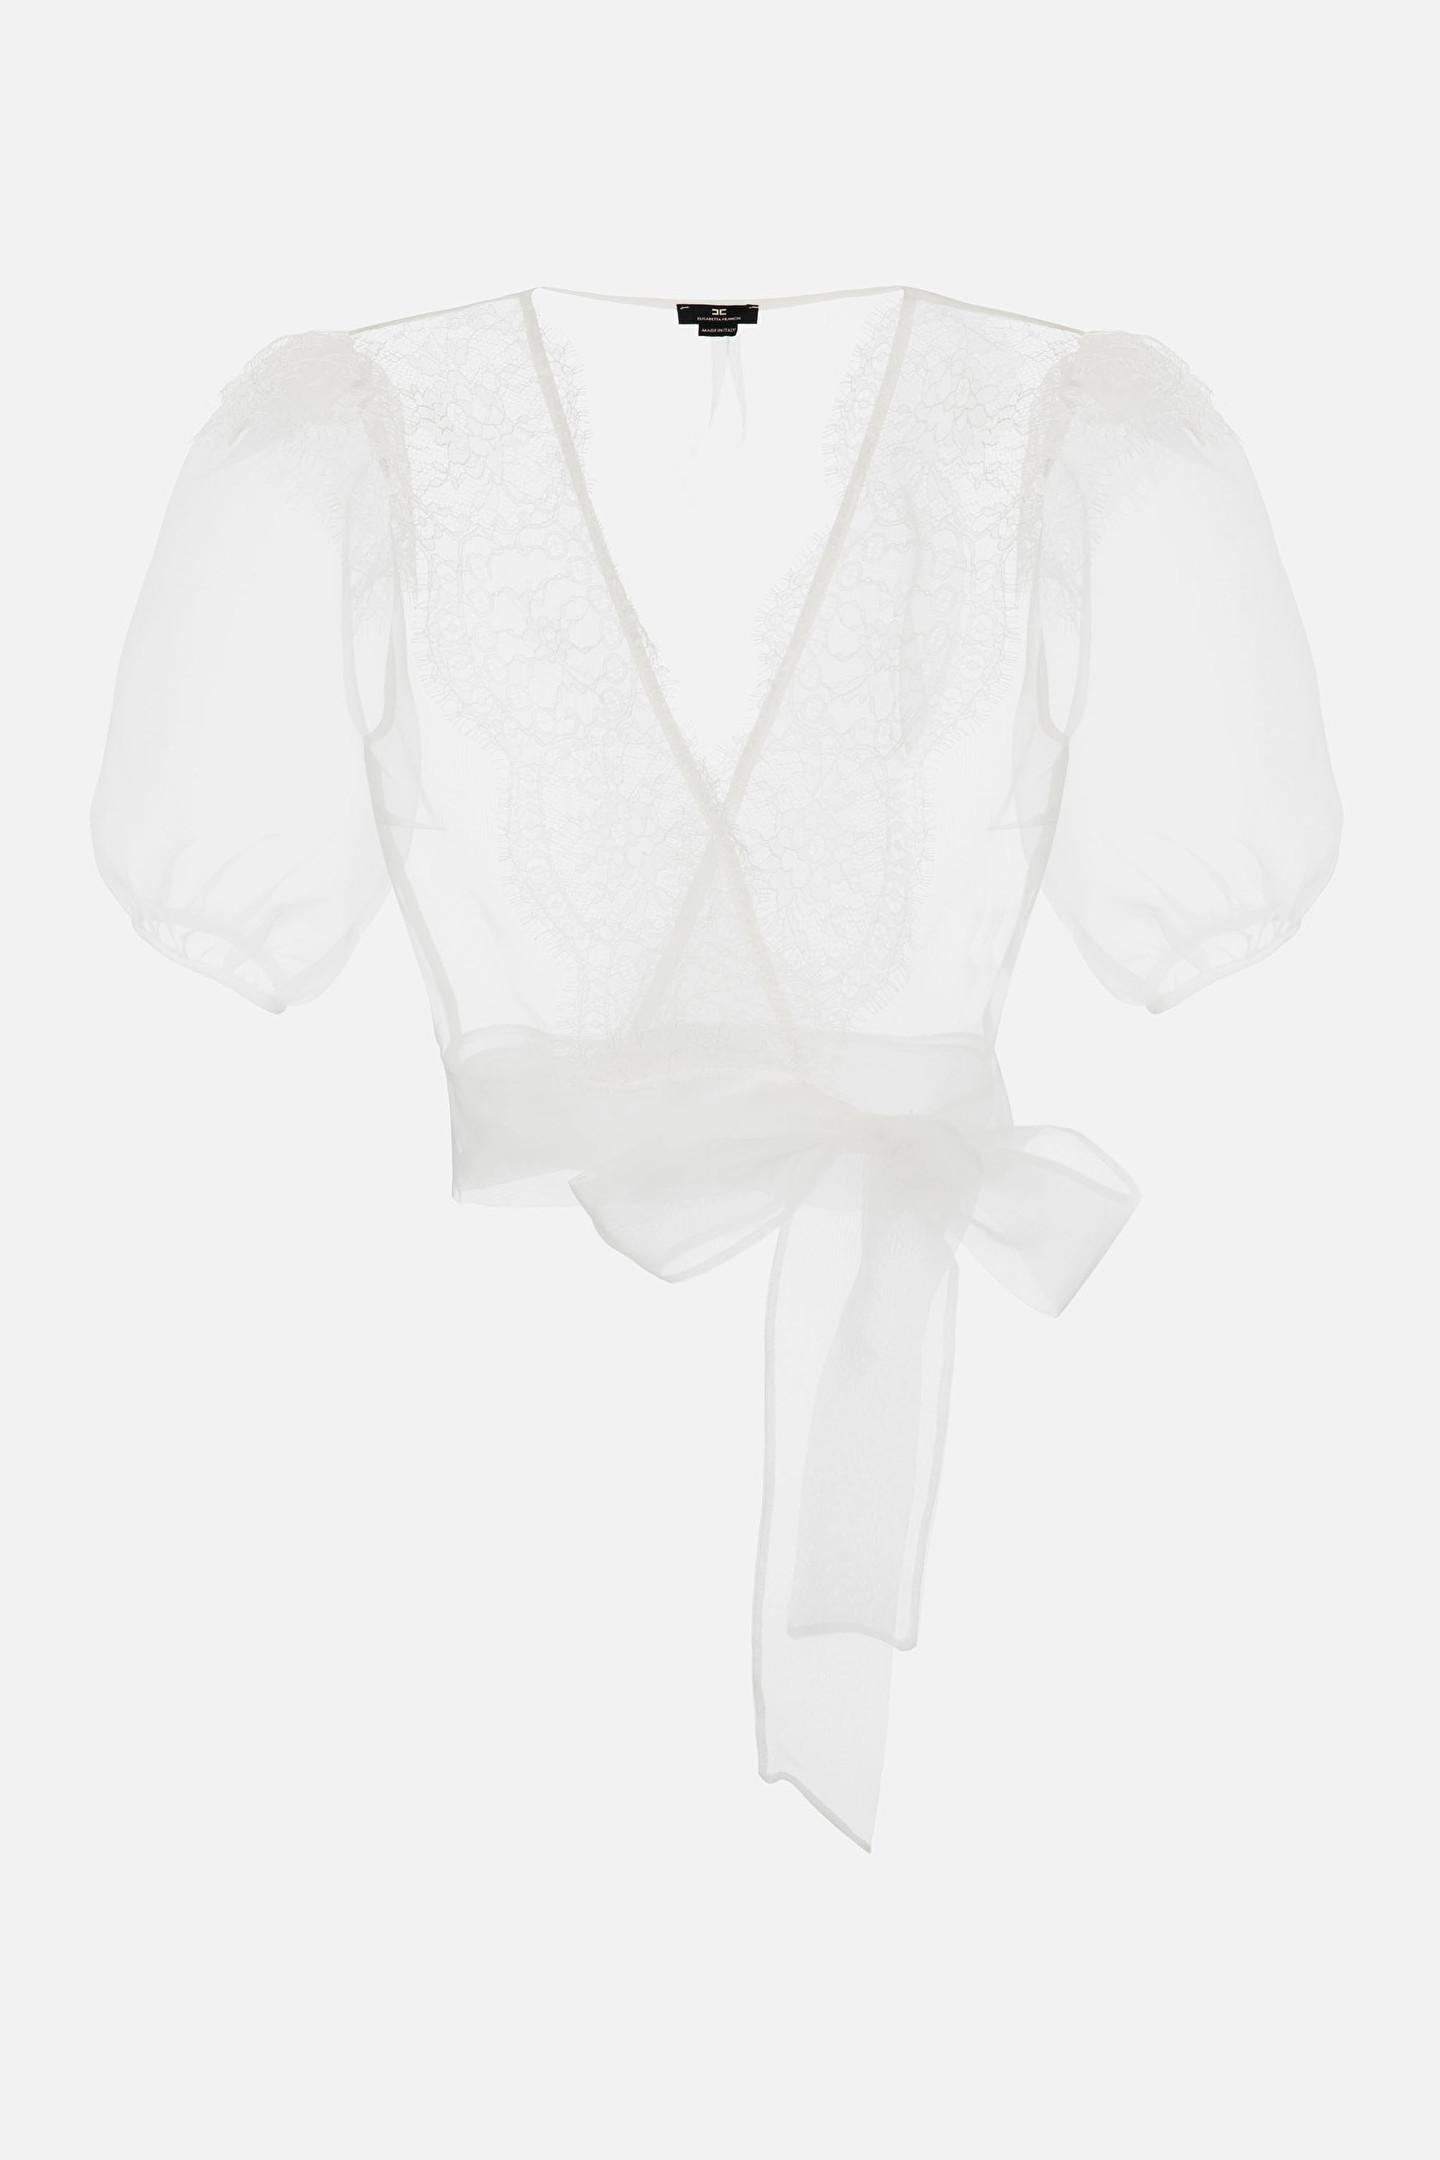 Camicia Donna Avorio Elisabetta Franchi   CA32111E2360